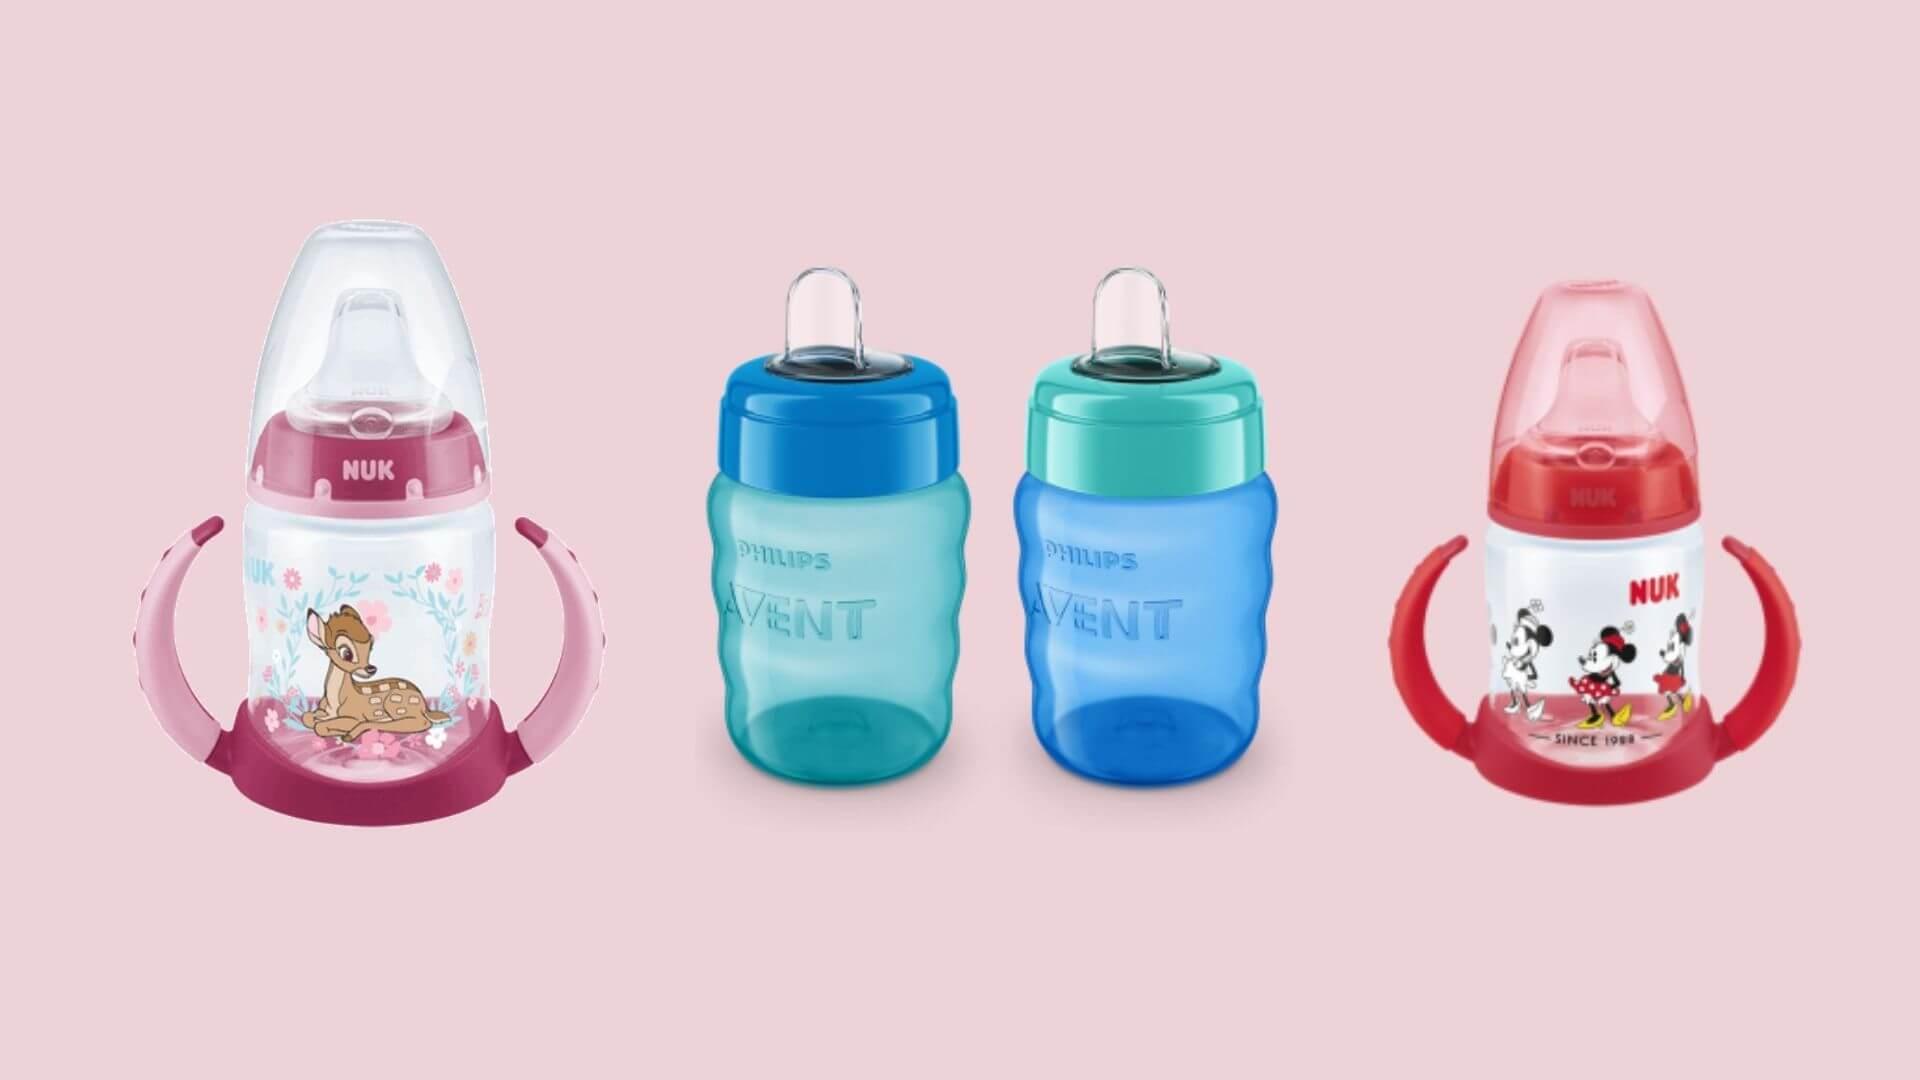 miglior-bicchiere-salvagoccia-per-neonato